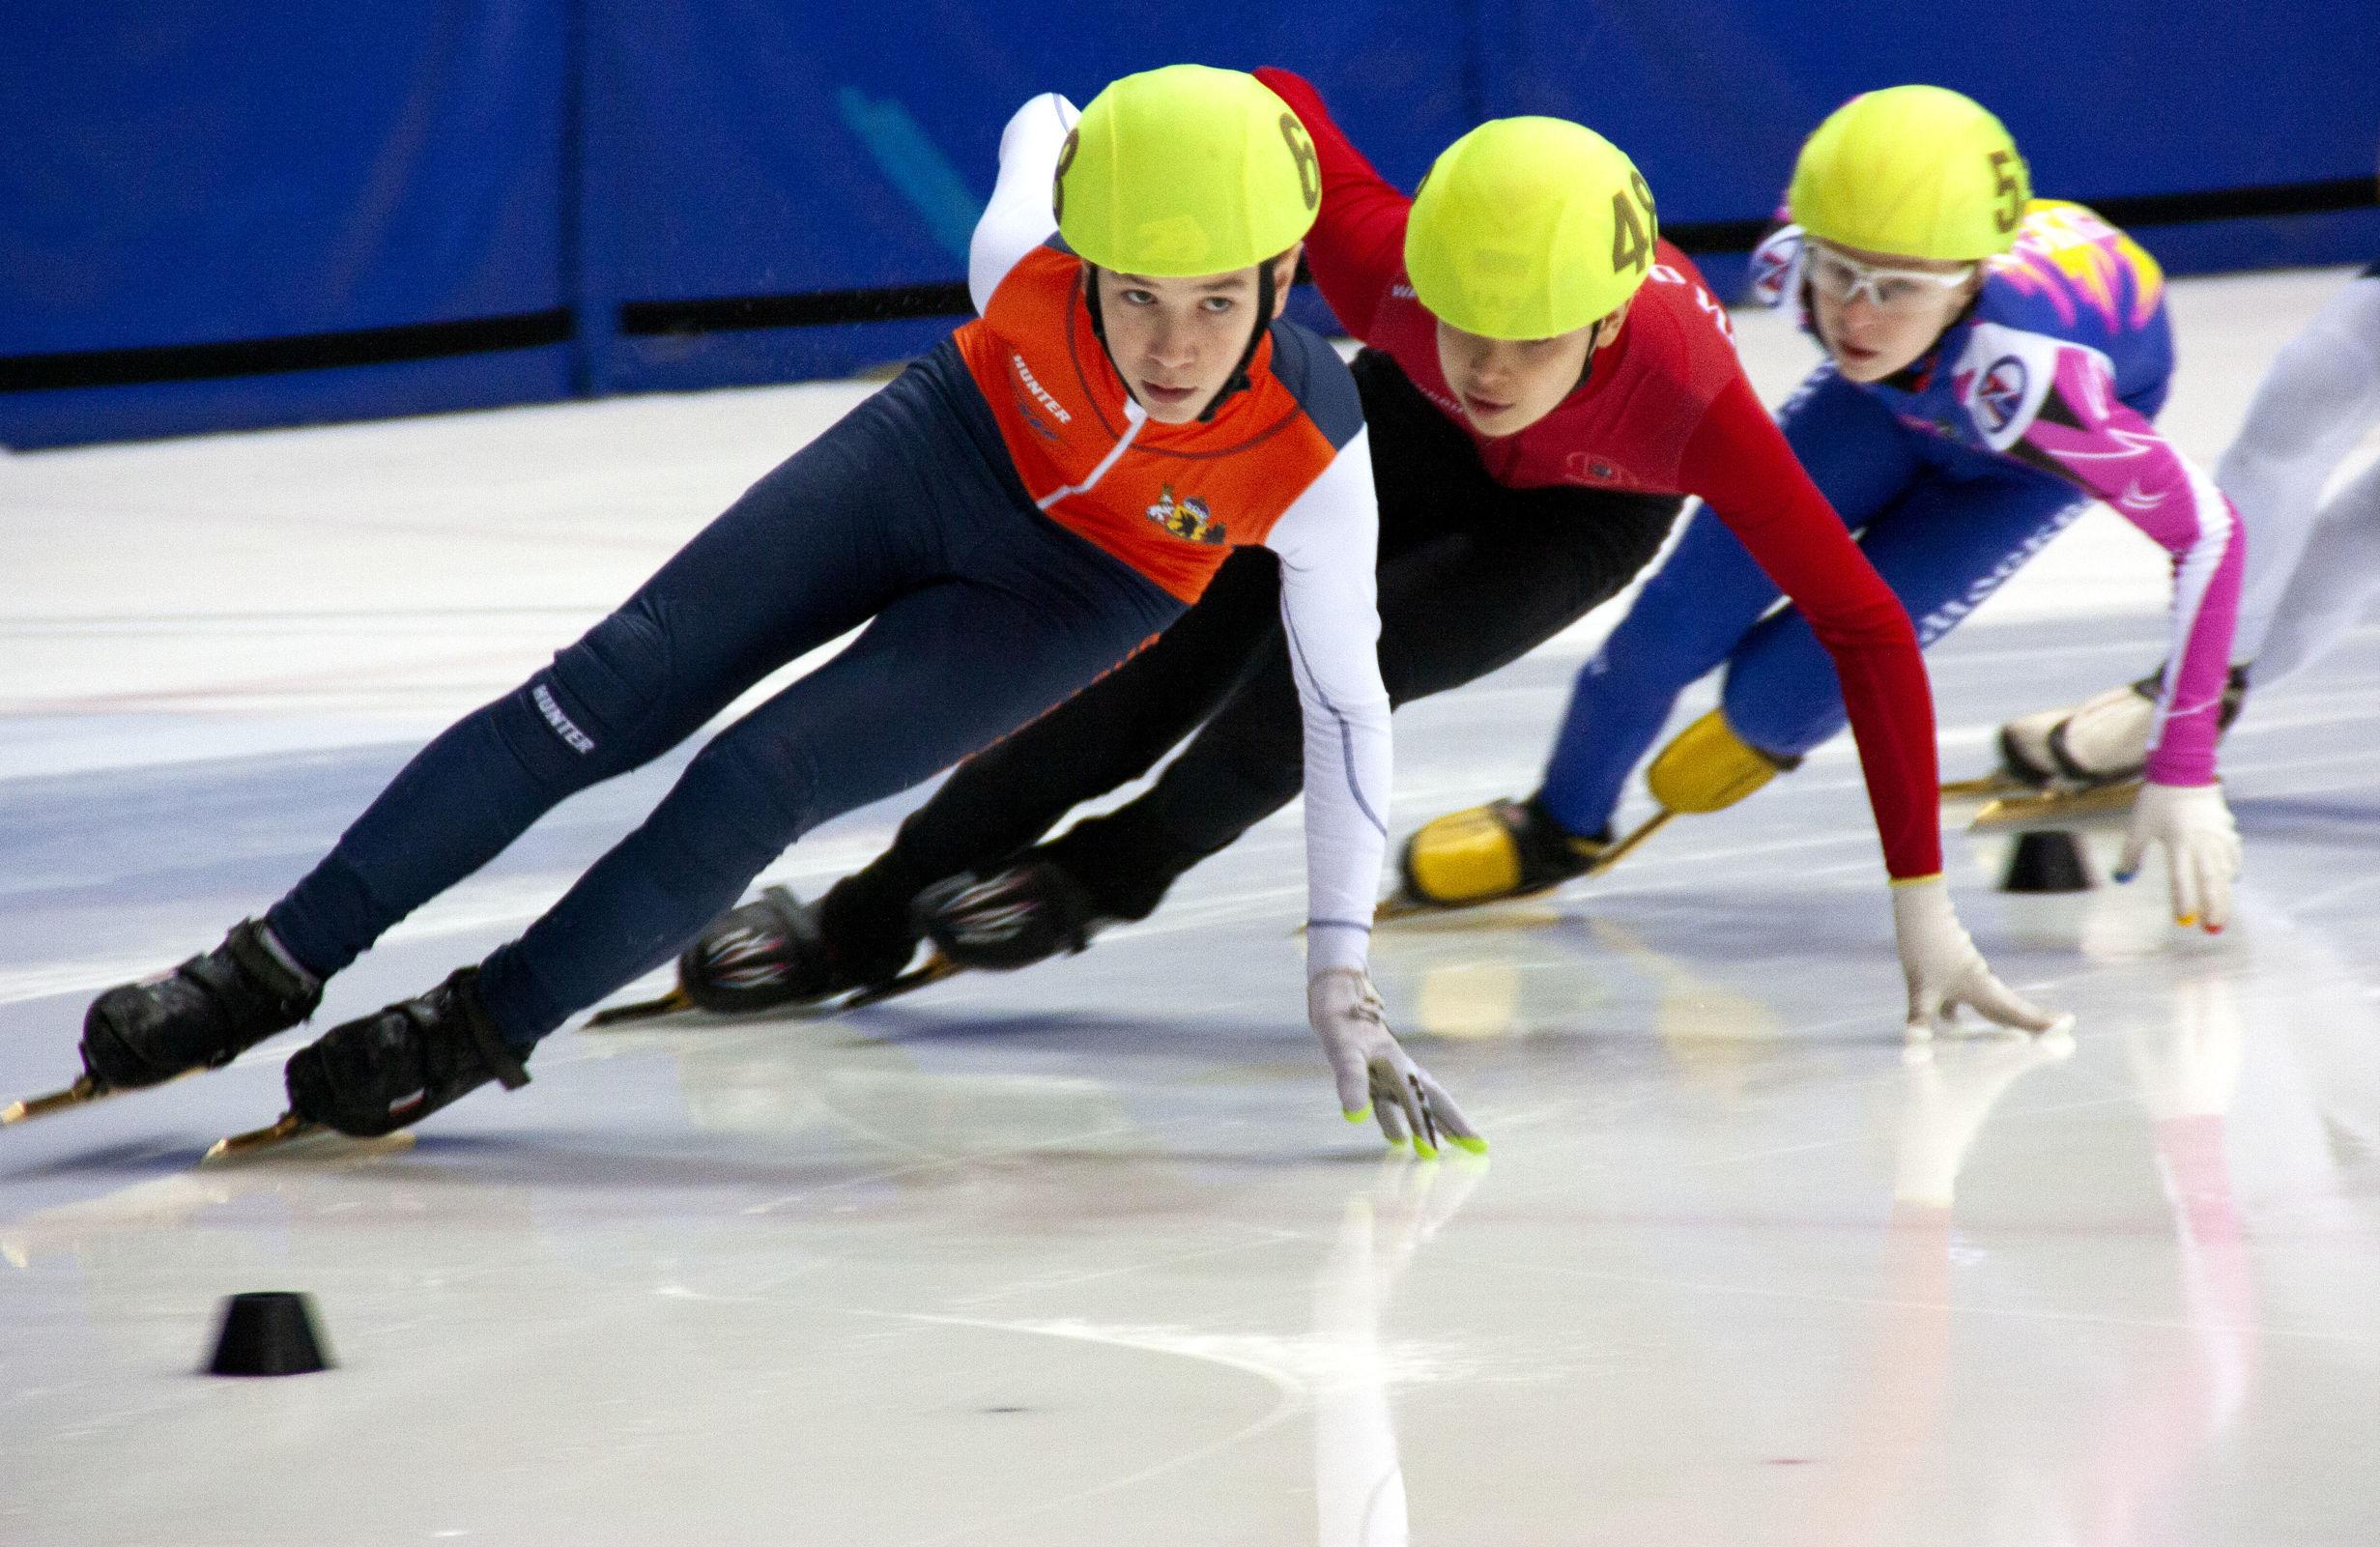 Ярославцы завоевали медали на Всероссийских соревнованиях по шорт-треку